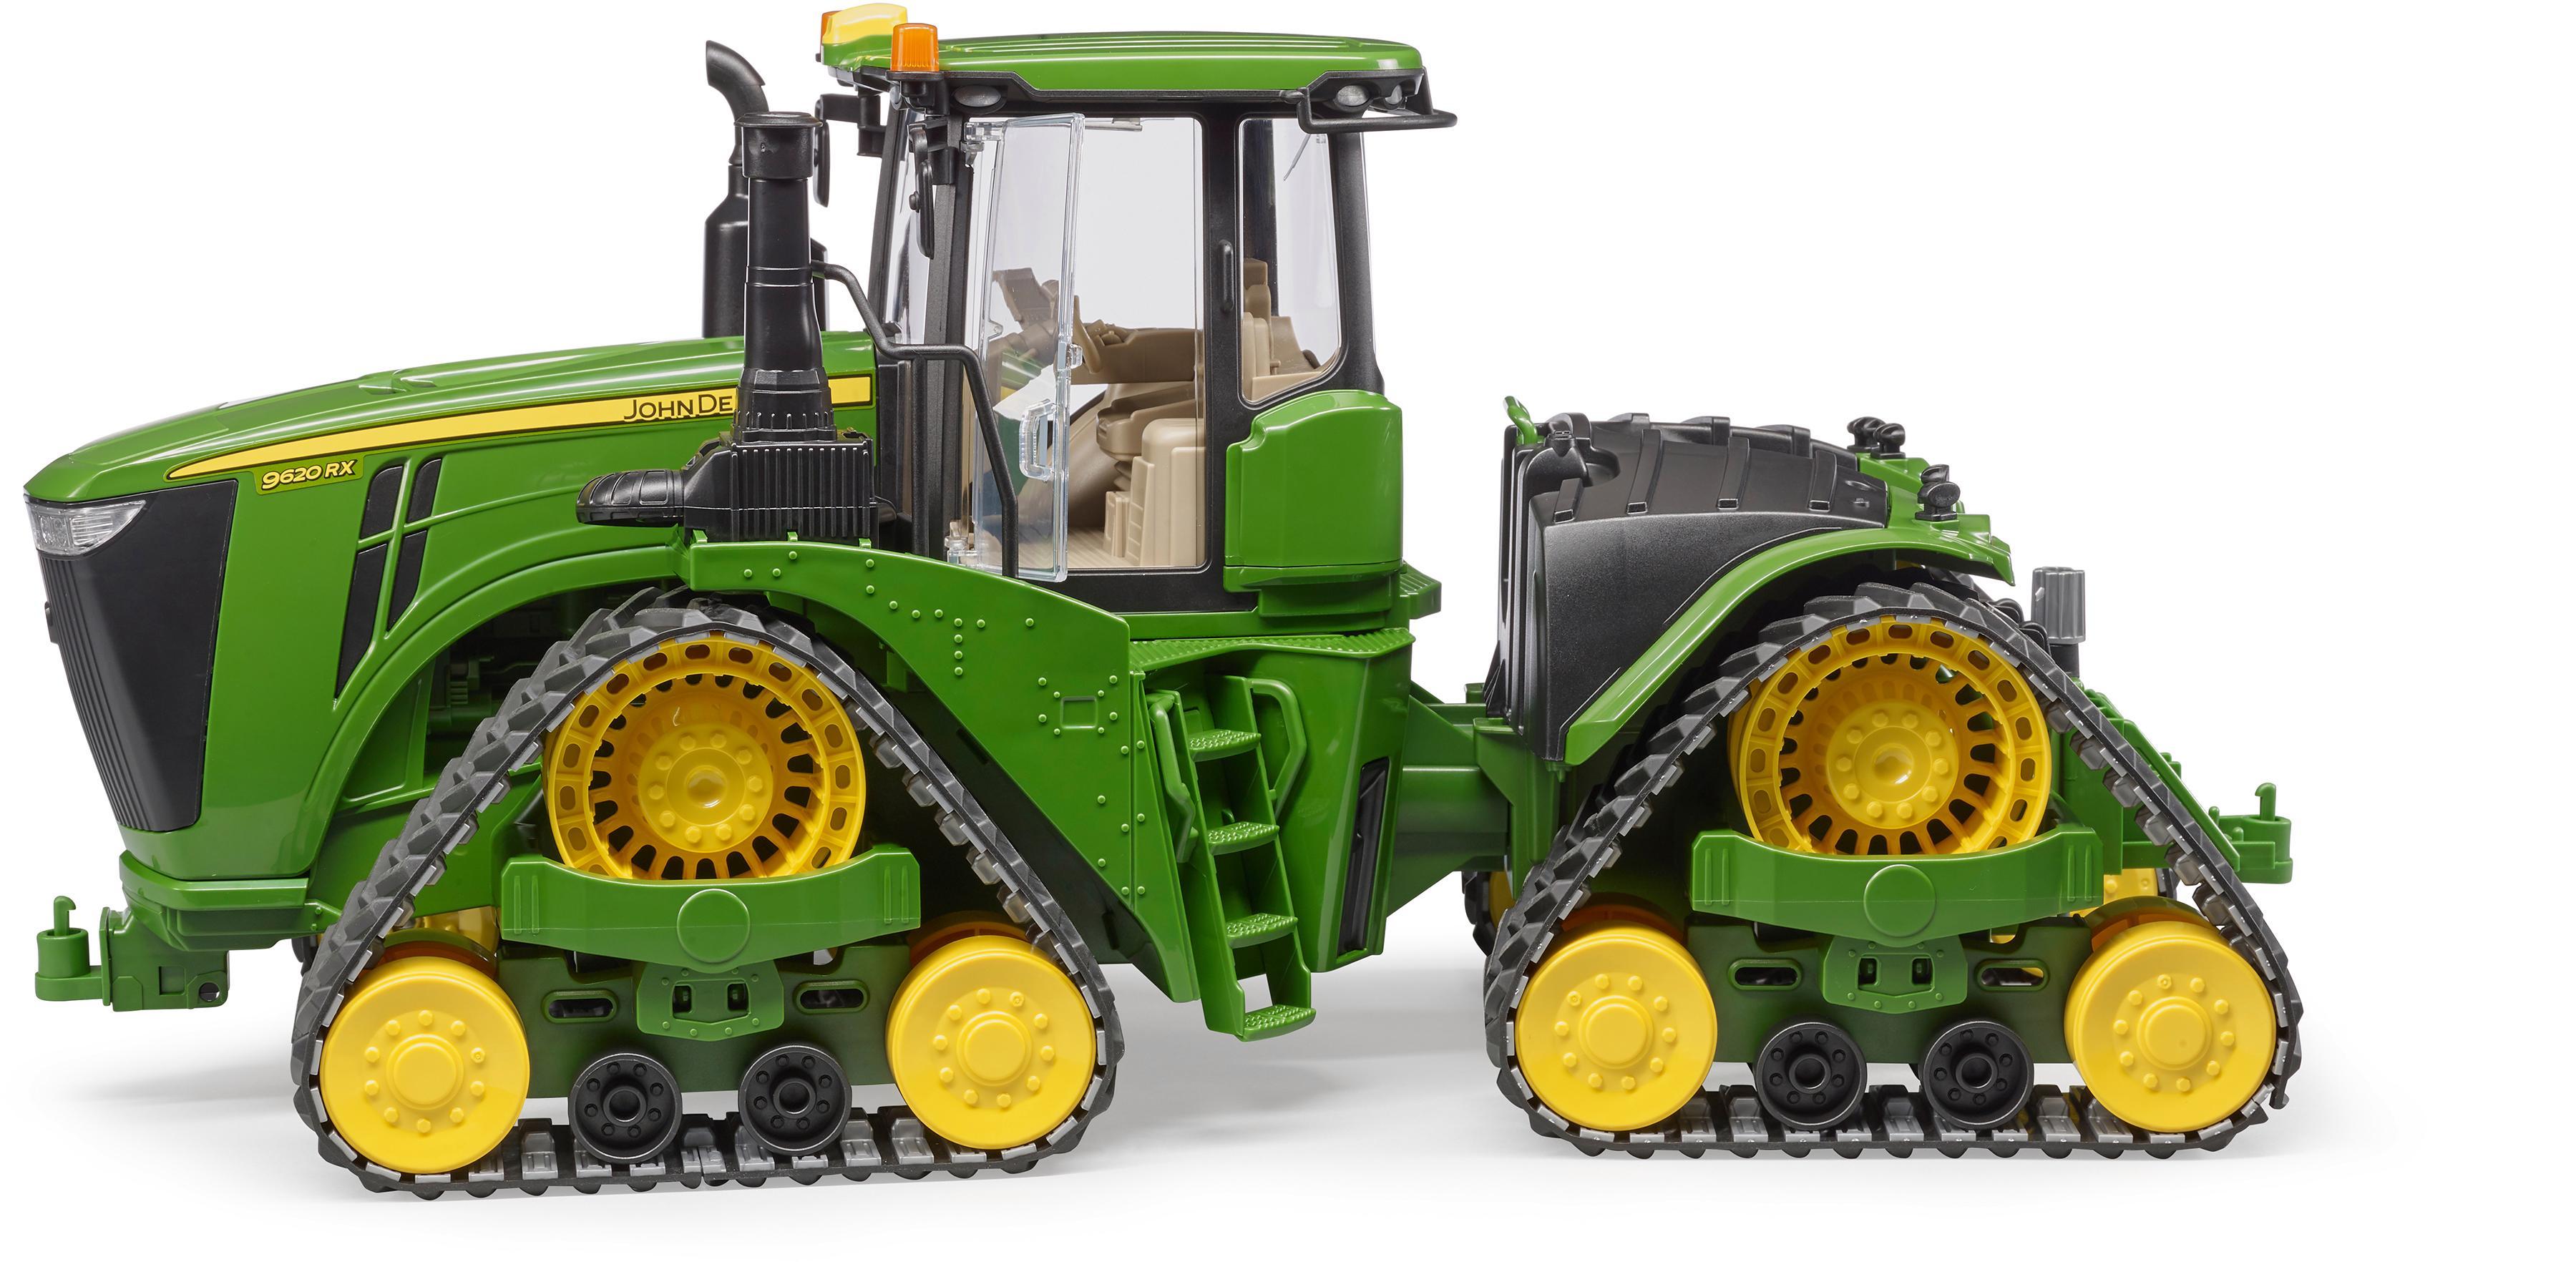 Bruder Spielzeug Traktor John Deere 9620rx Mit Raupenlaufwerk